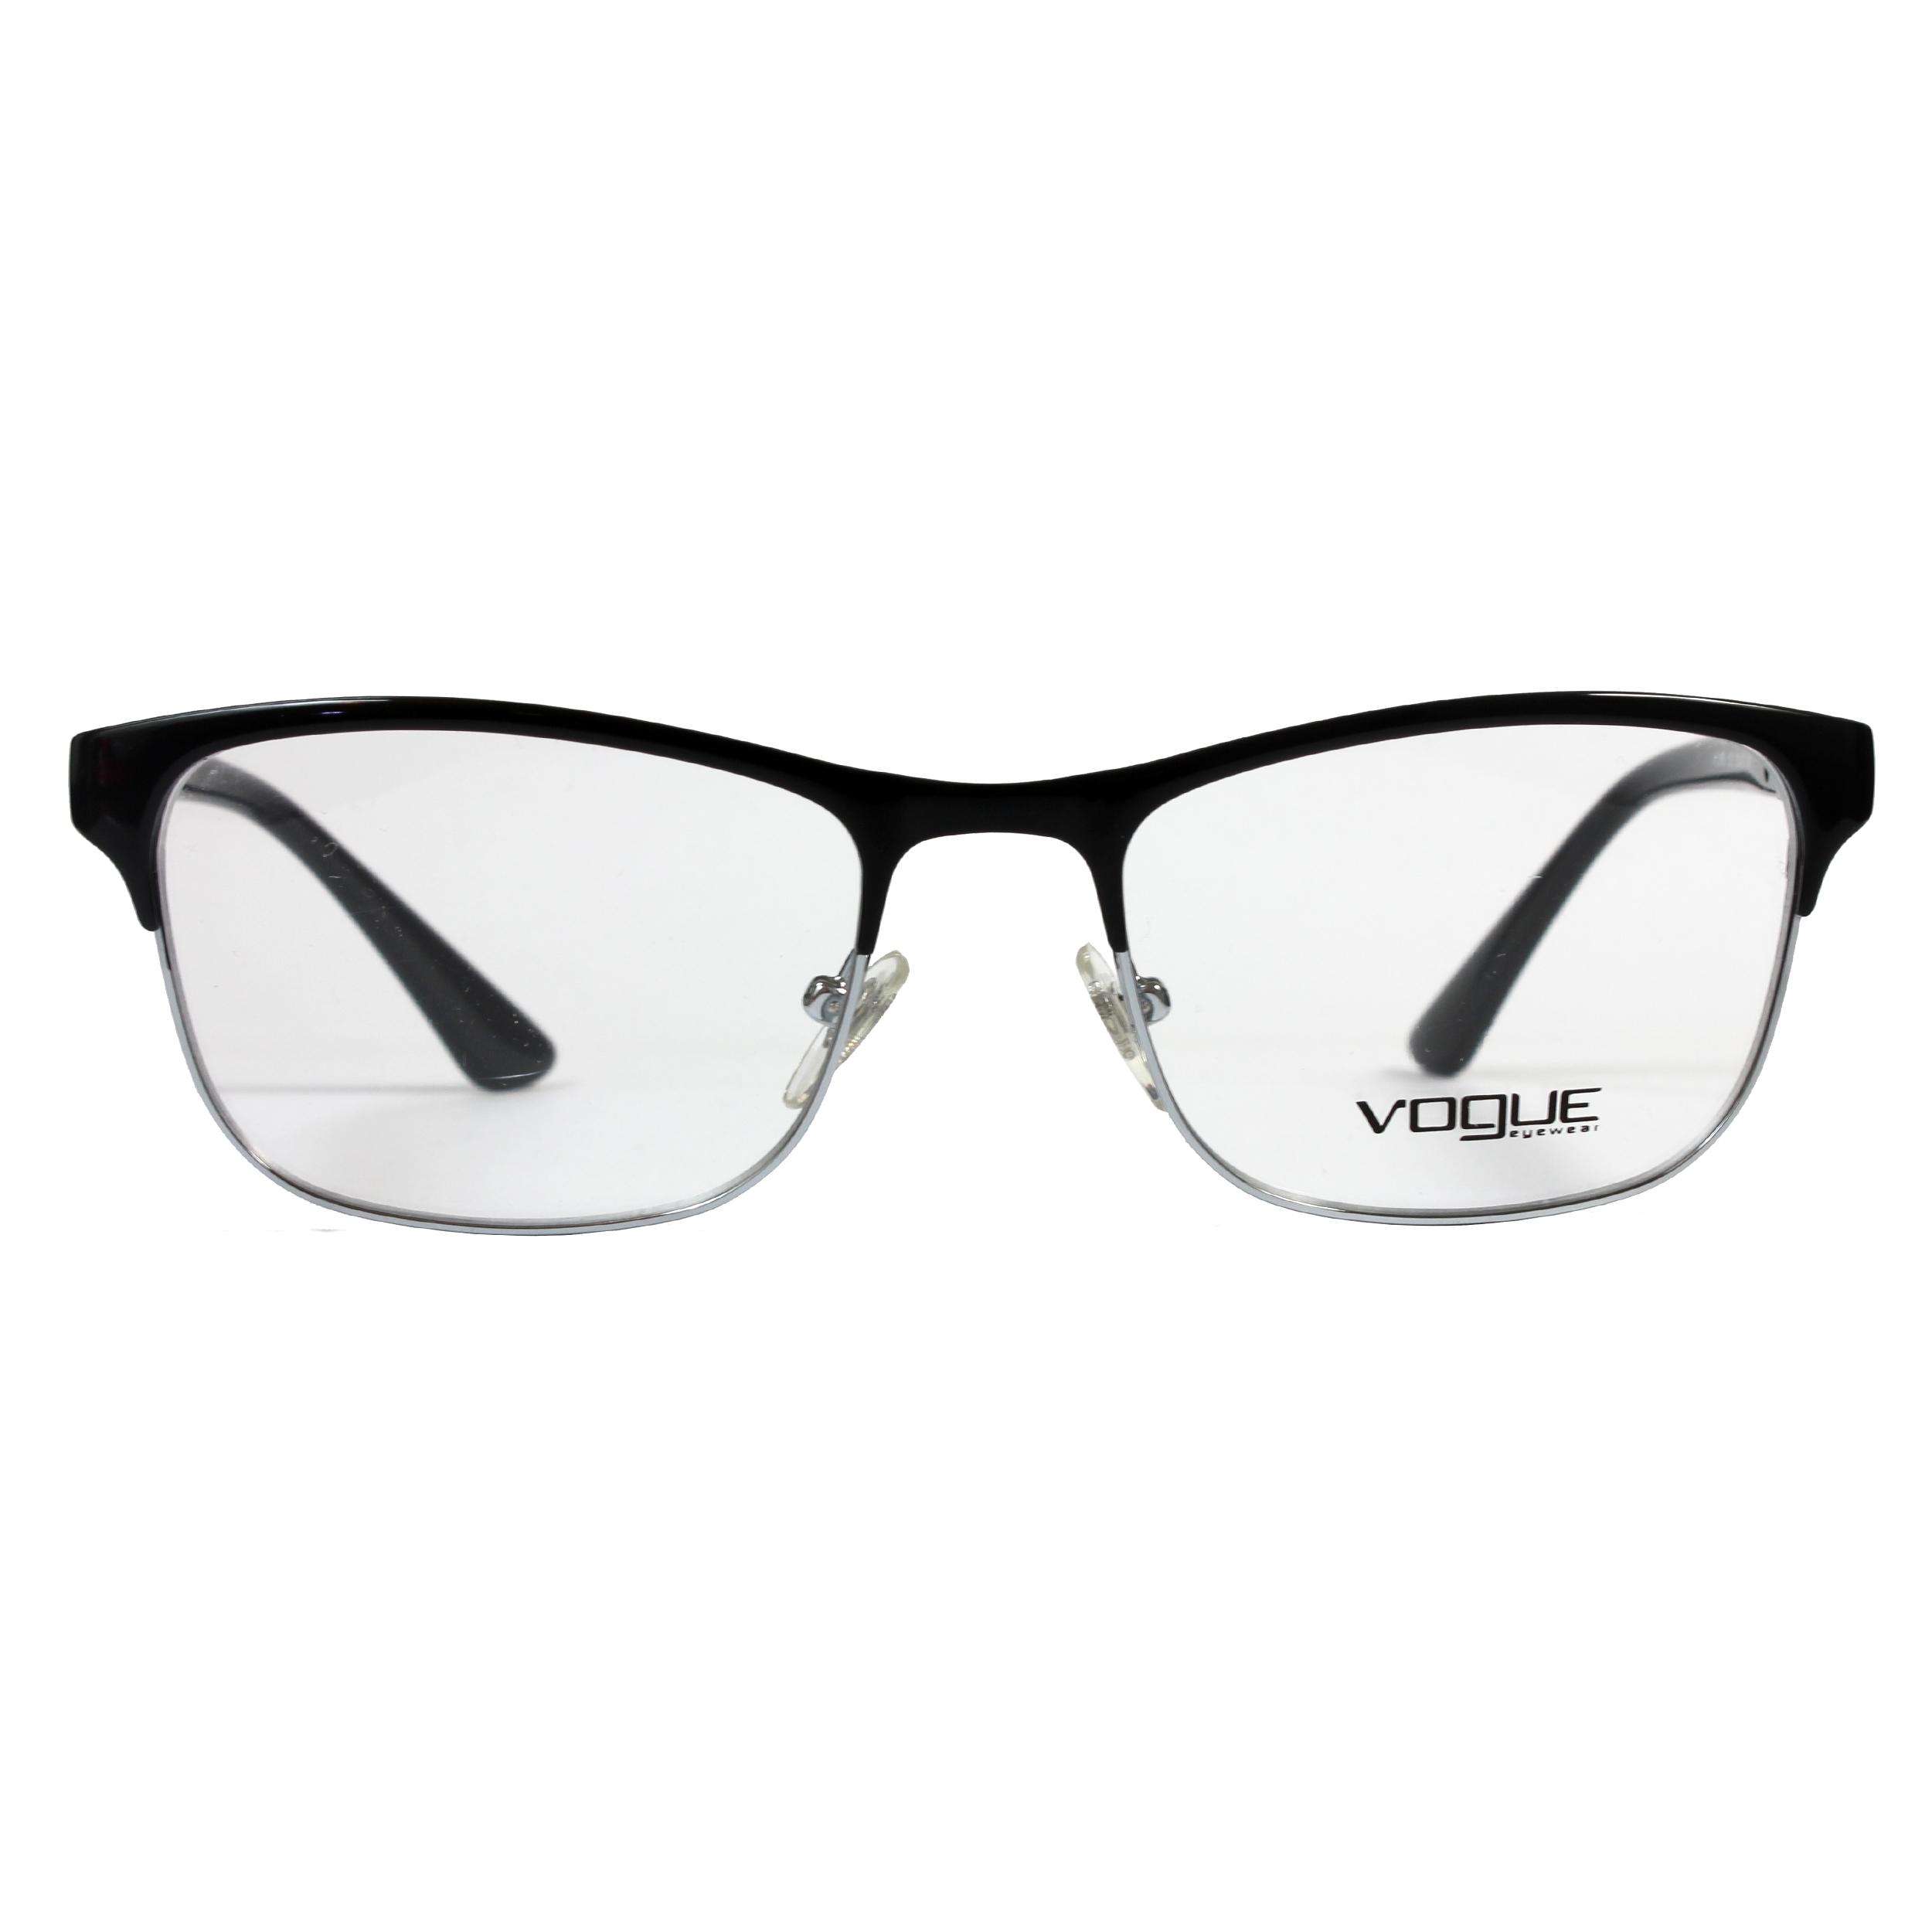 فریم عینک طبی ووگ مدل 3996